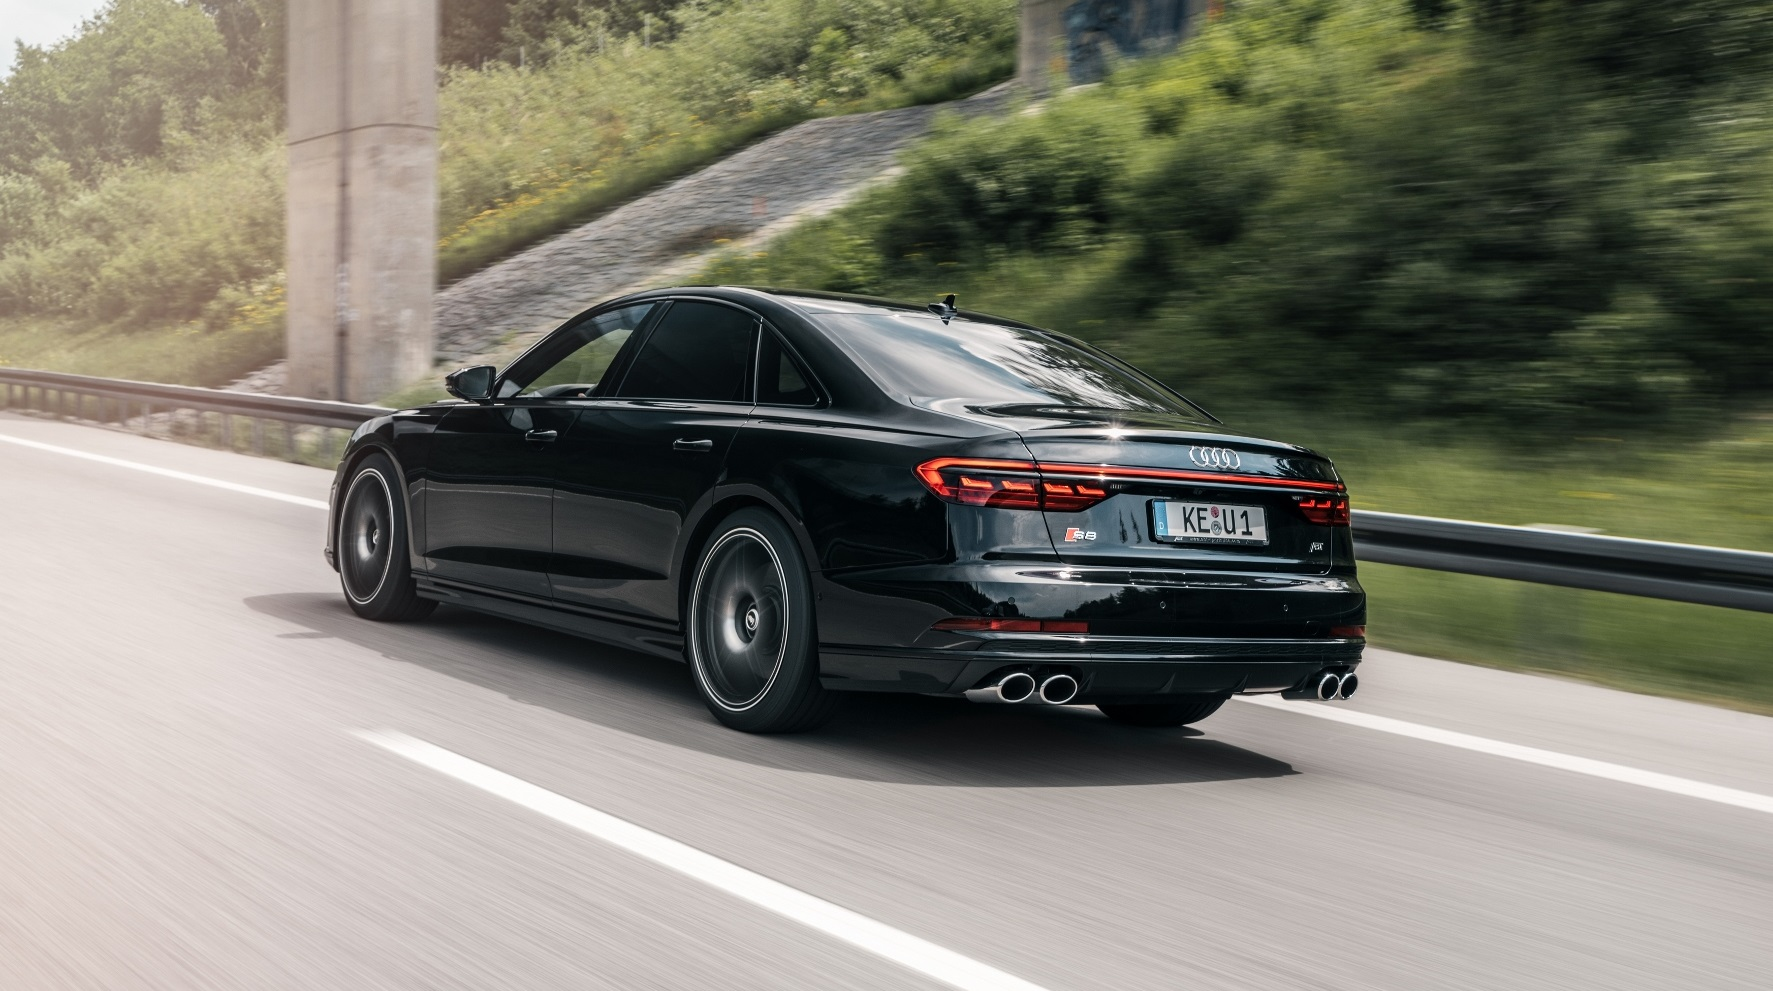 Audi S8 od ABT sa zrýchlením vyrovná aj superšportom